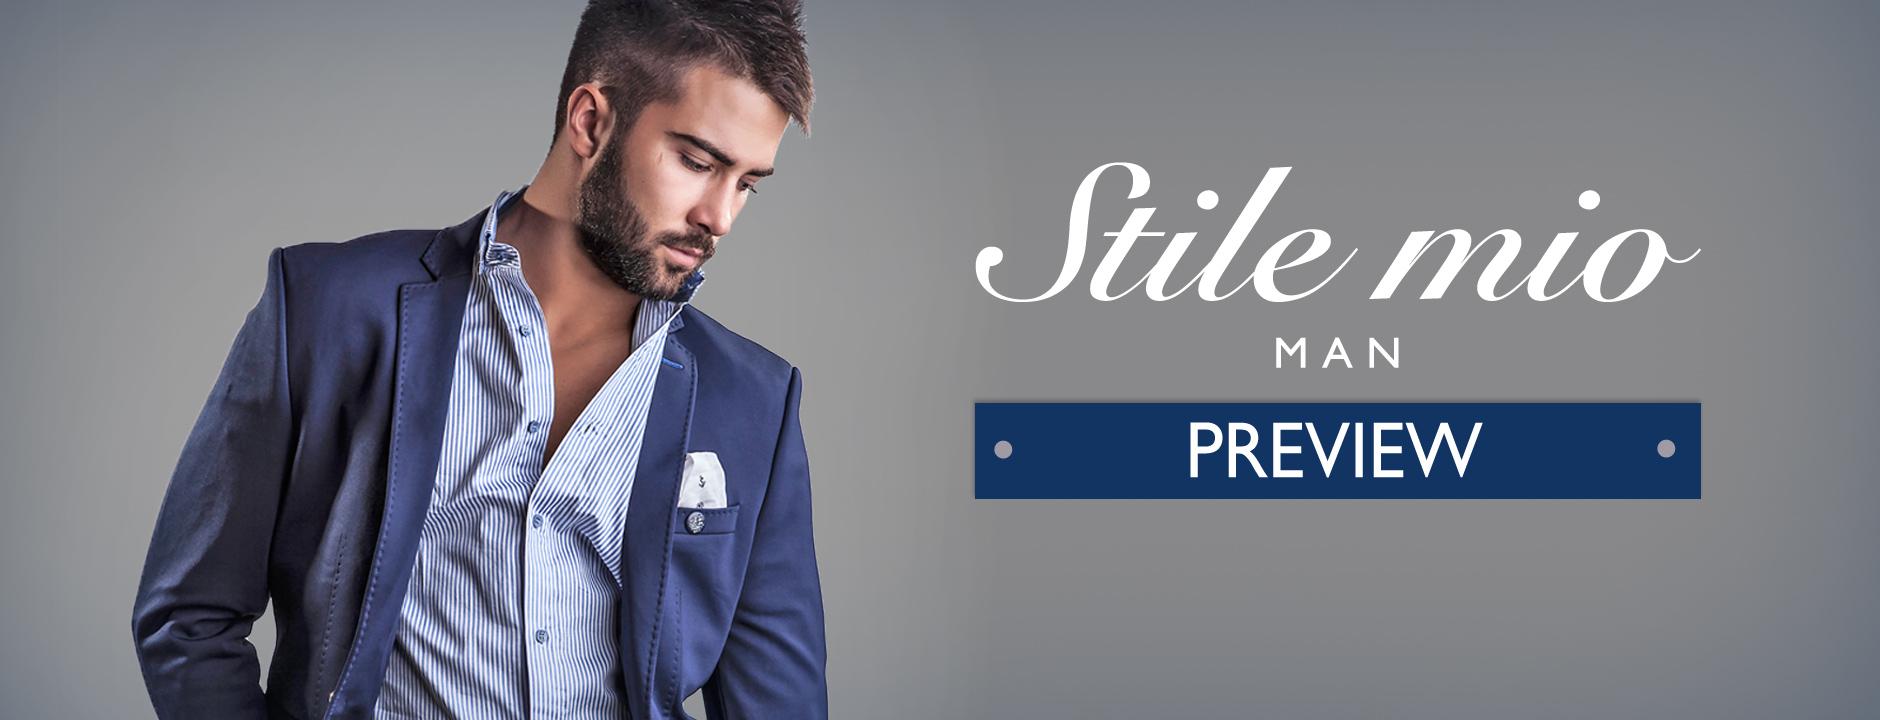 Stile mio Man Preview